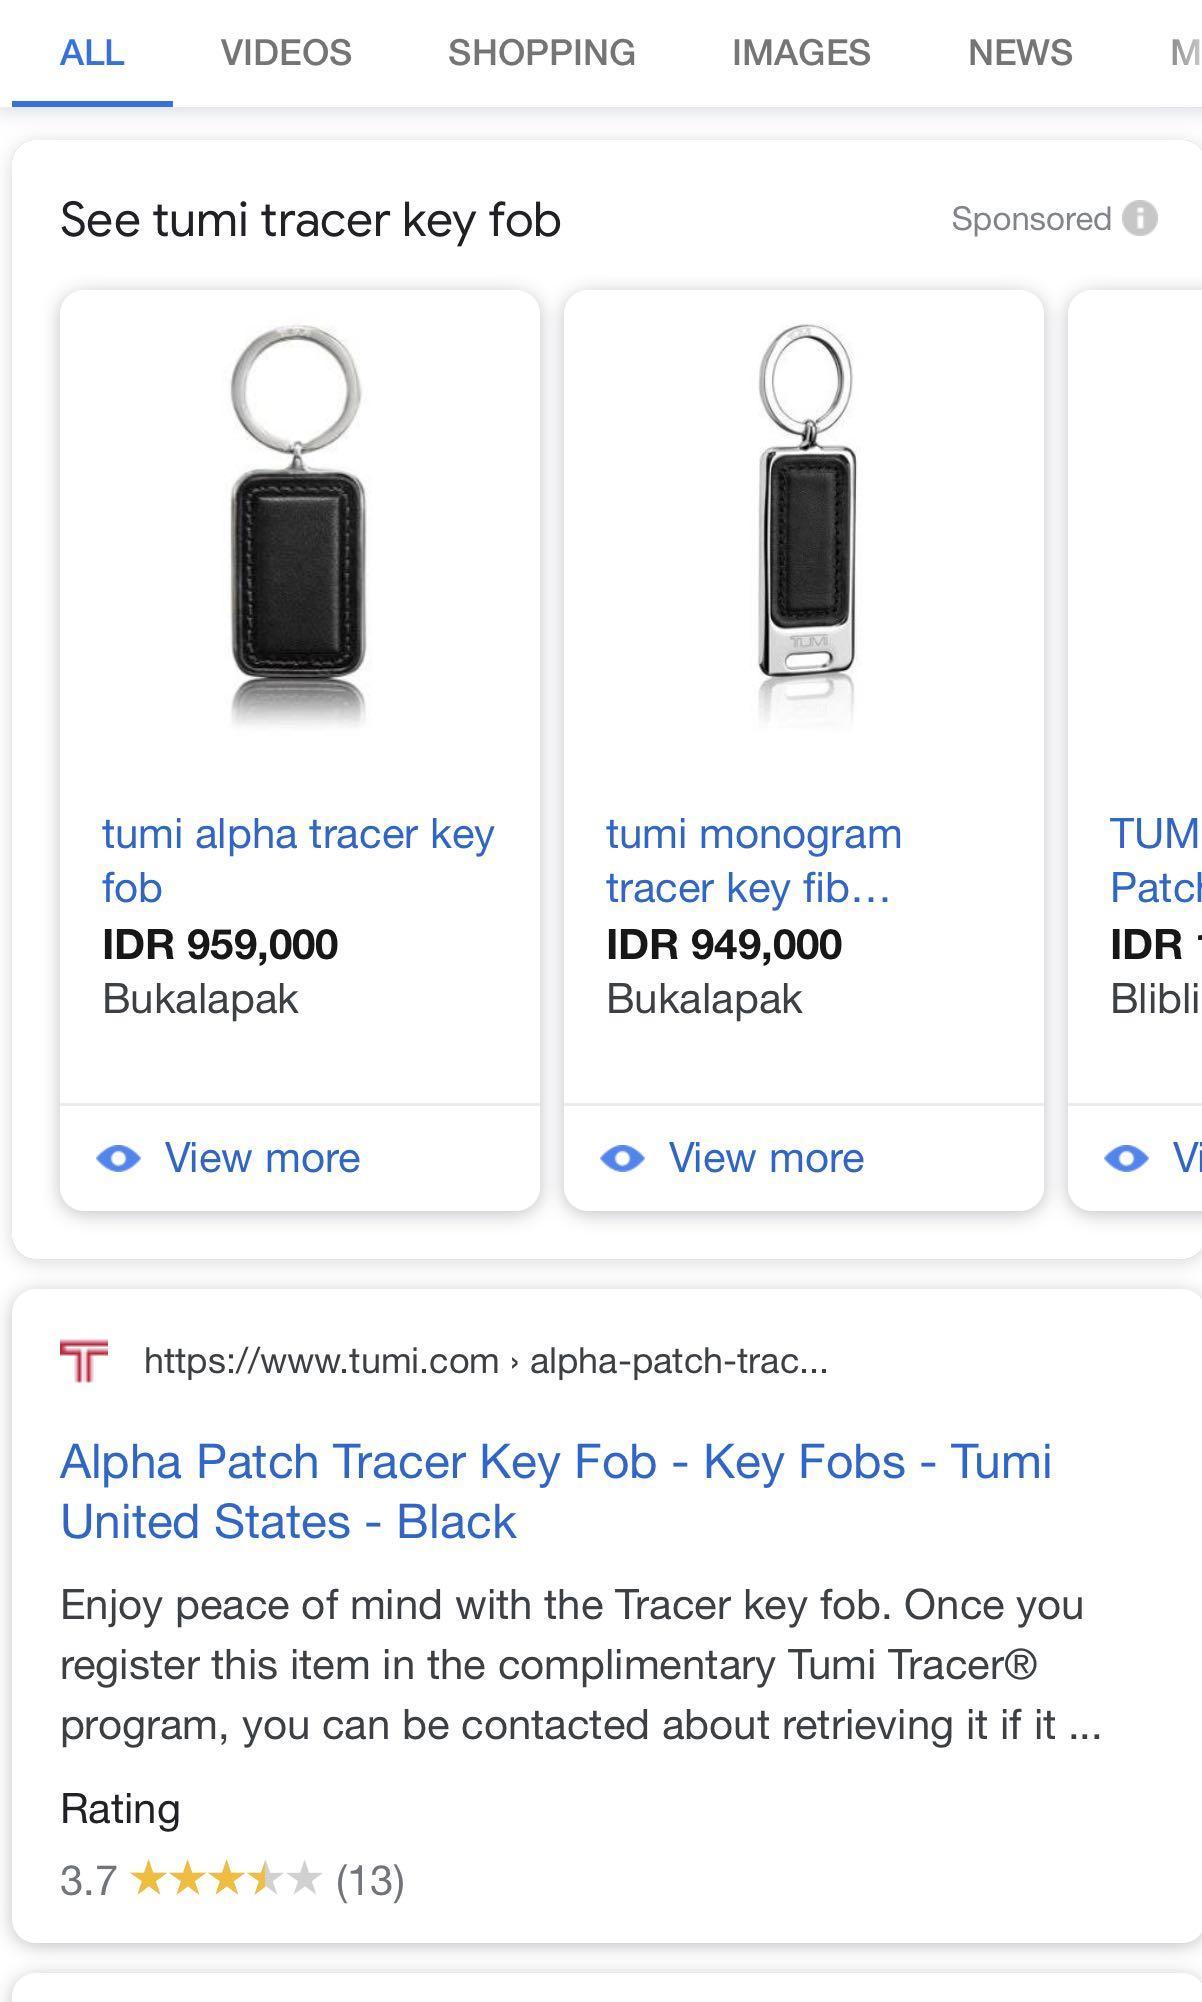 #mauvivo Tumi Tracer key Fob